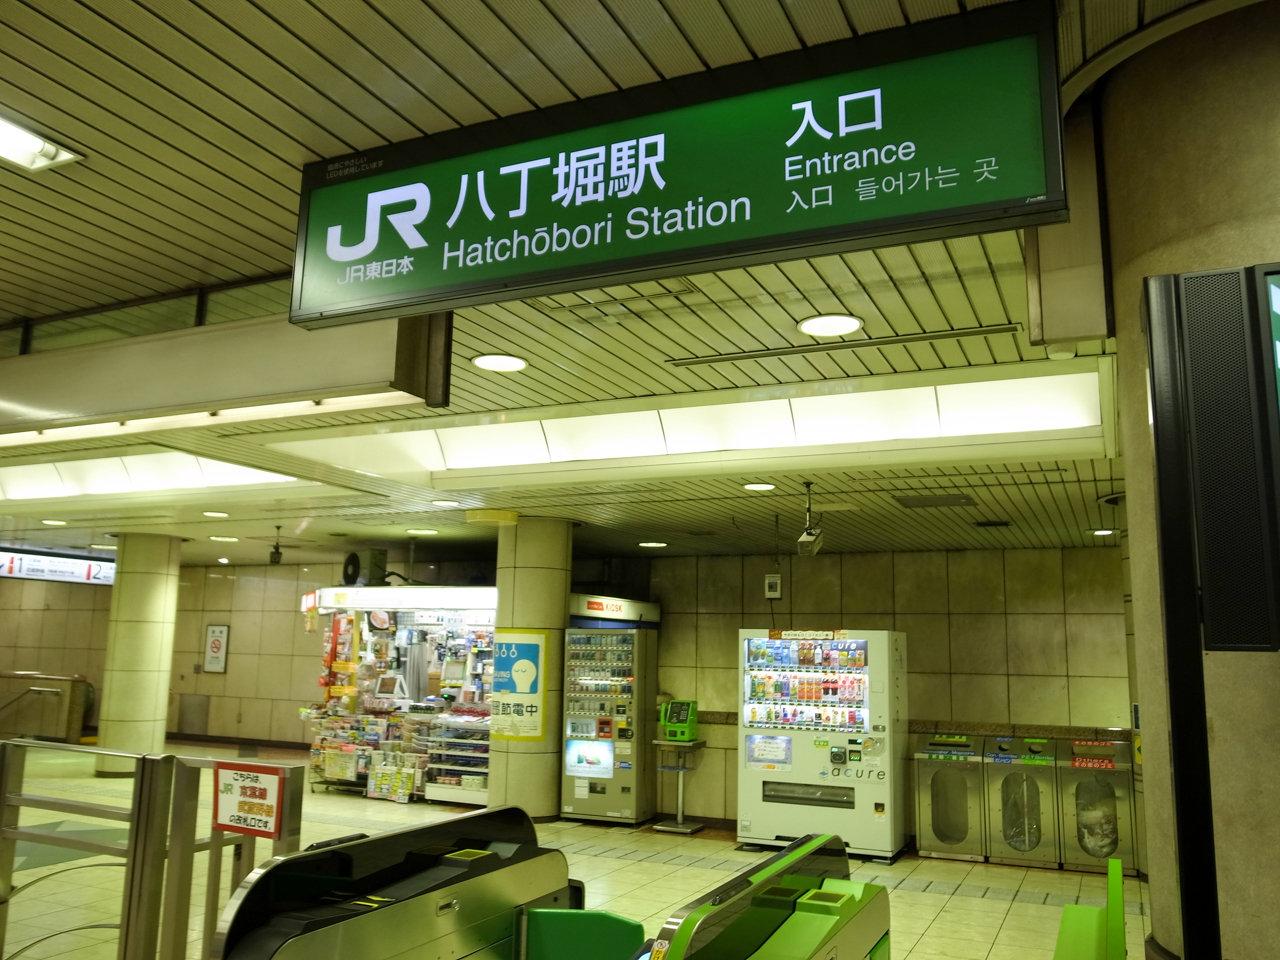 東京で部屋探しなら「立地」で選べ!初めて一人暮らしした八丁堀を歩いてきた(PR)